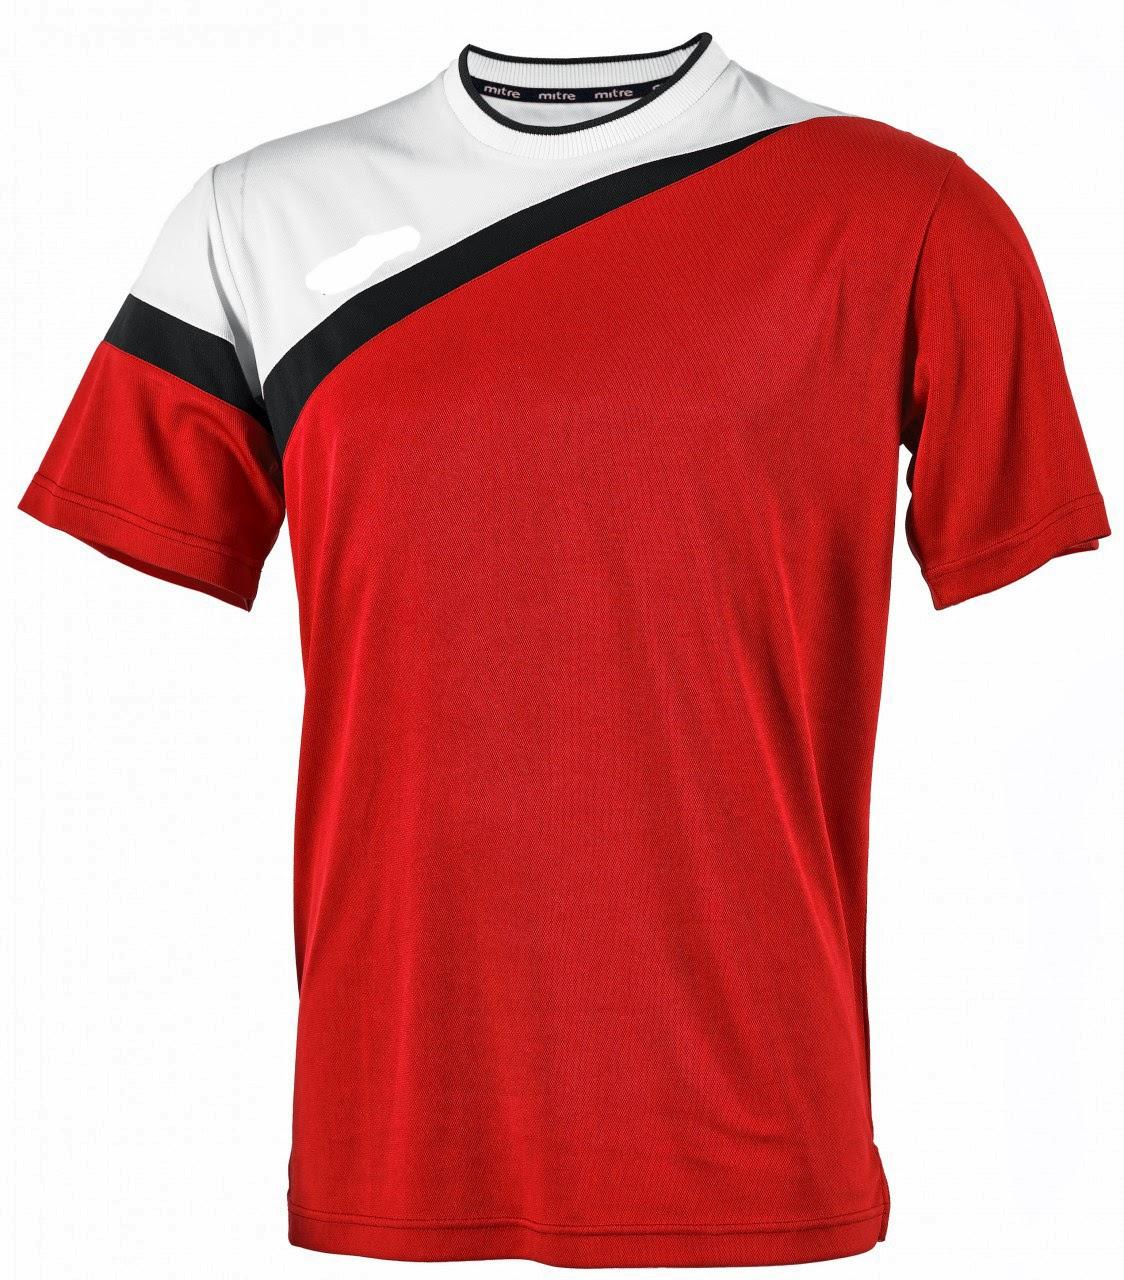 Desain Kostum Futsal Terbaru 2011 | psdtemp.net